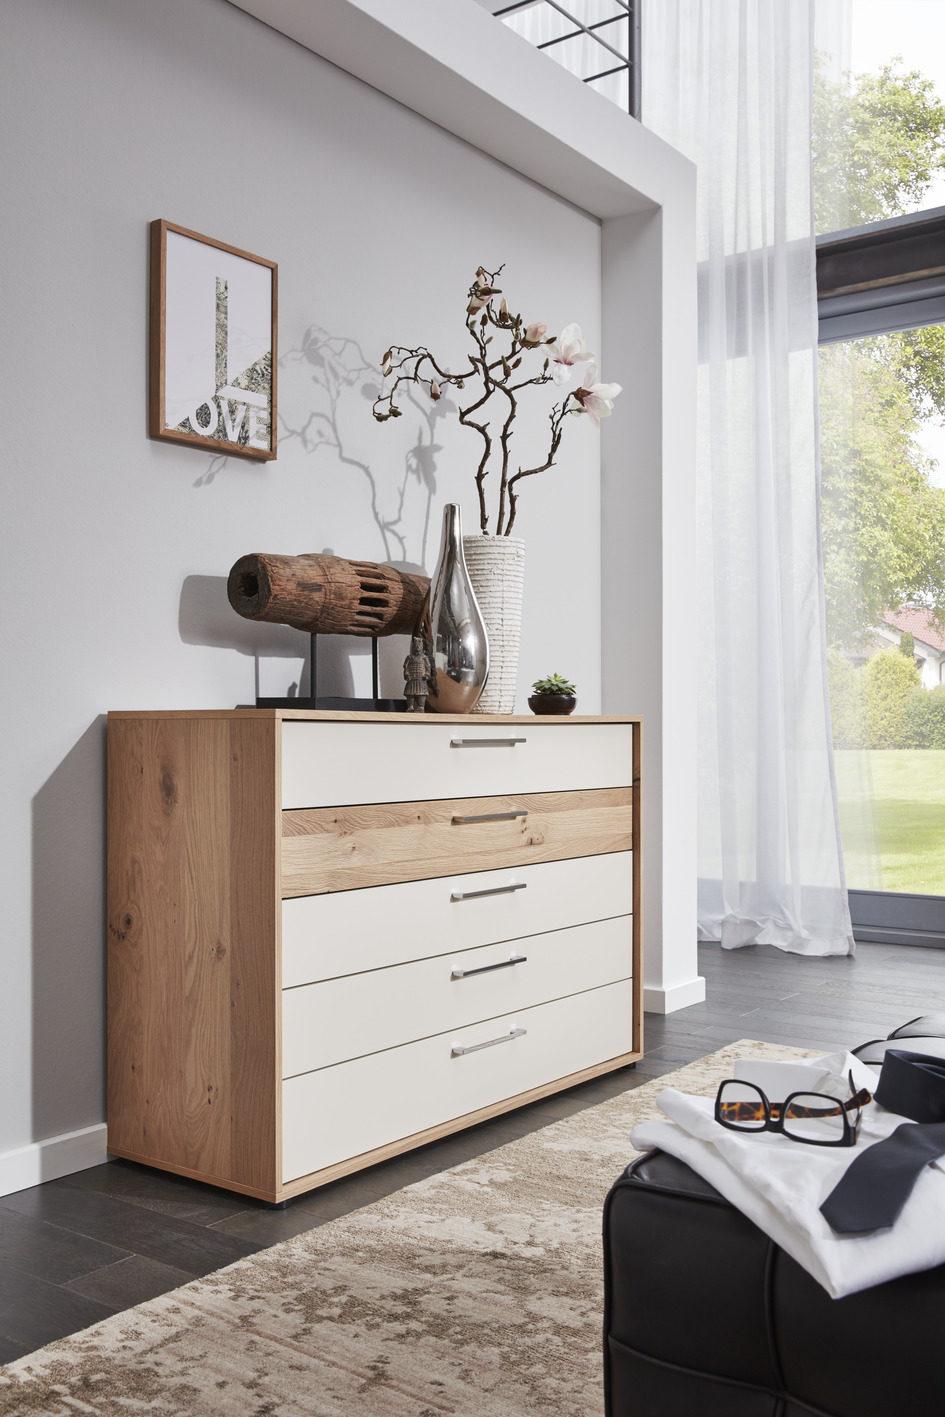 Möbel Bohn Crailsheim, Räume, Schlafzimmer, Kommoden + Sideboards ...